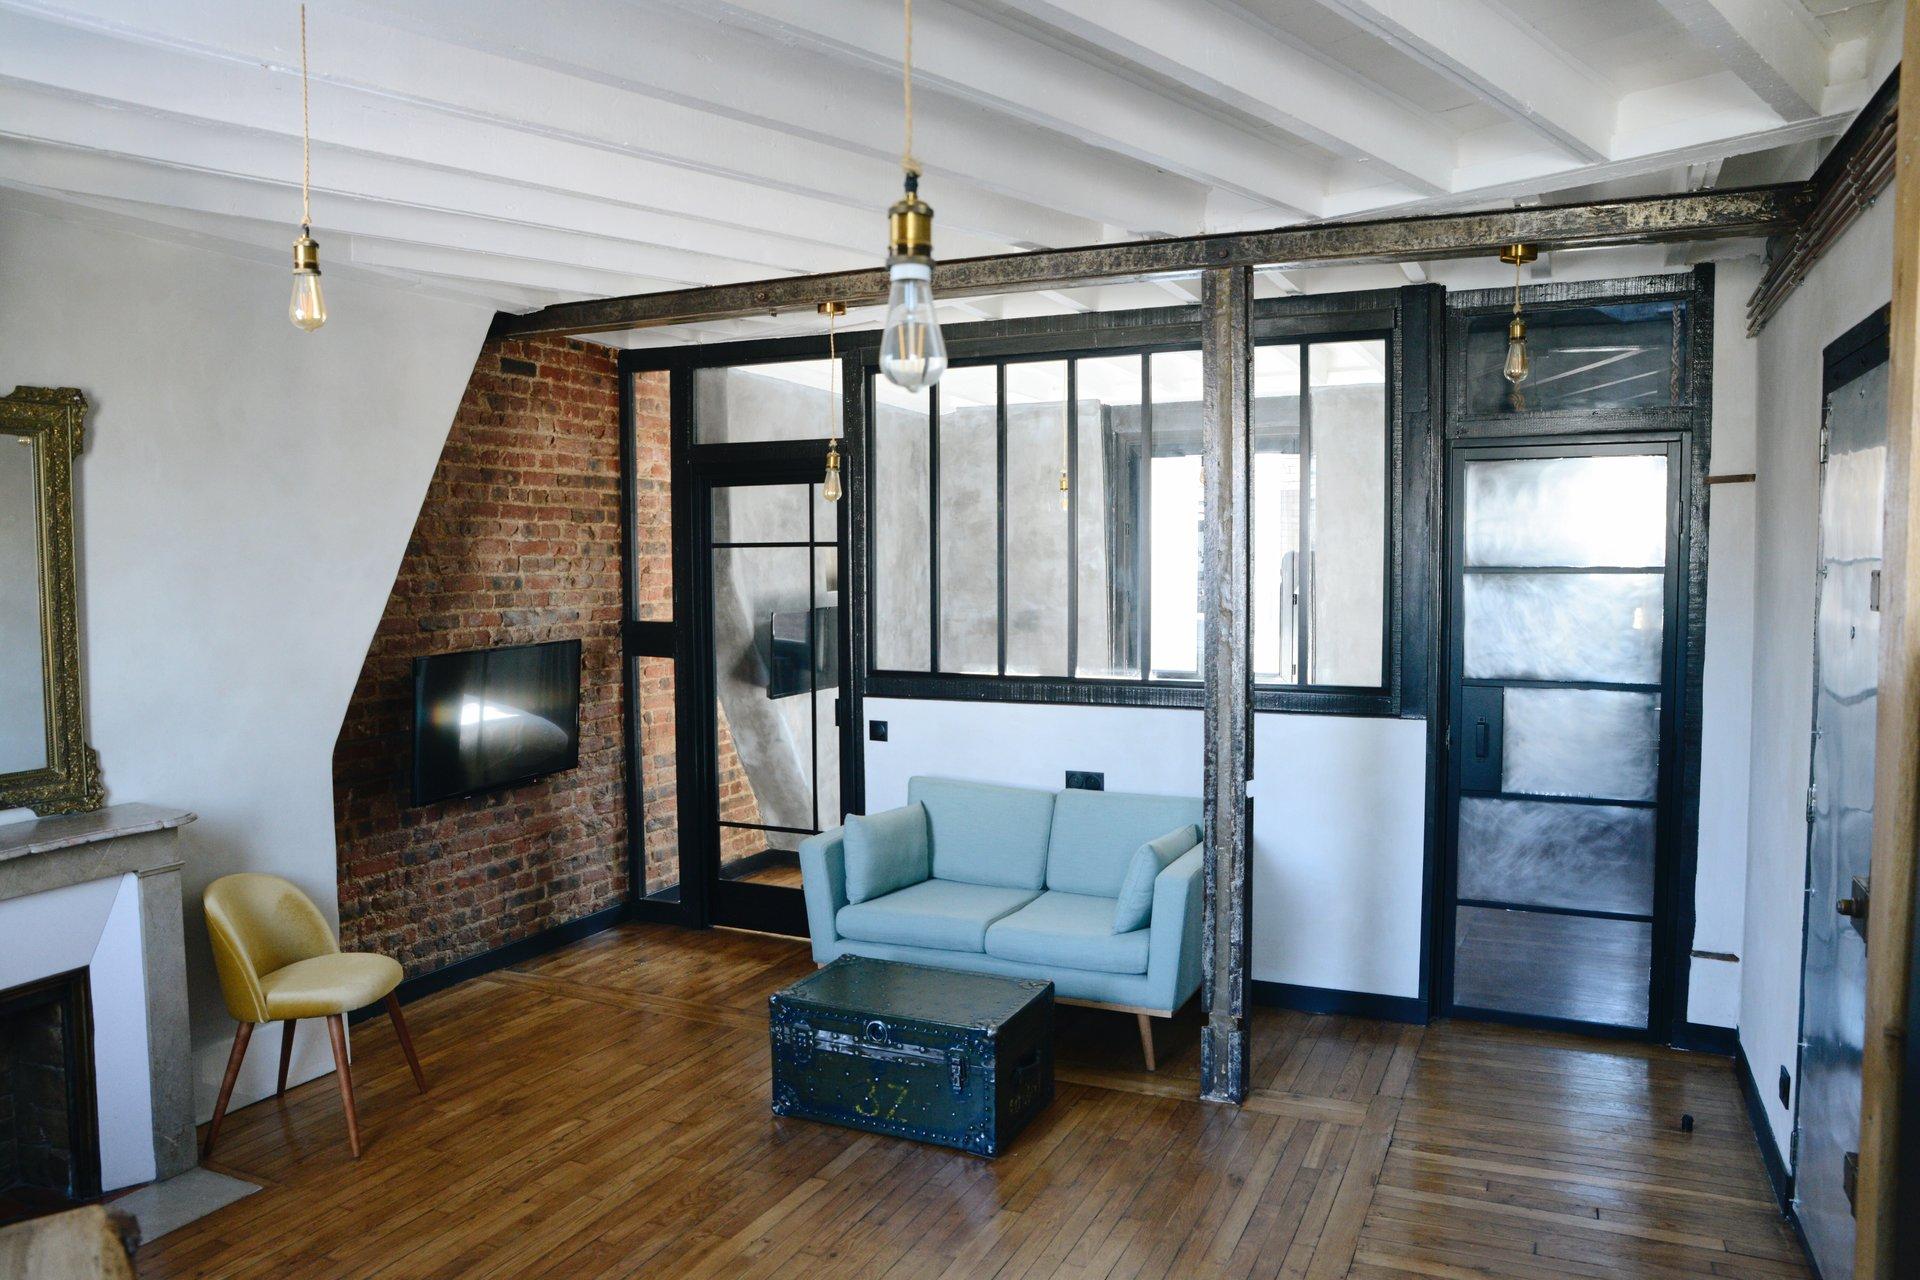 2 pièces d'exception - Dernier étage - Lamarck-Caulaincourt